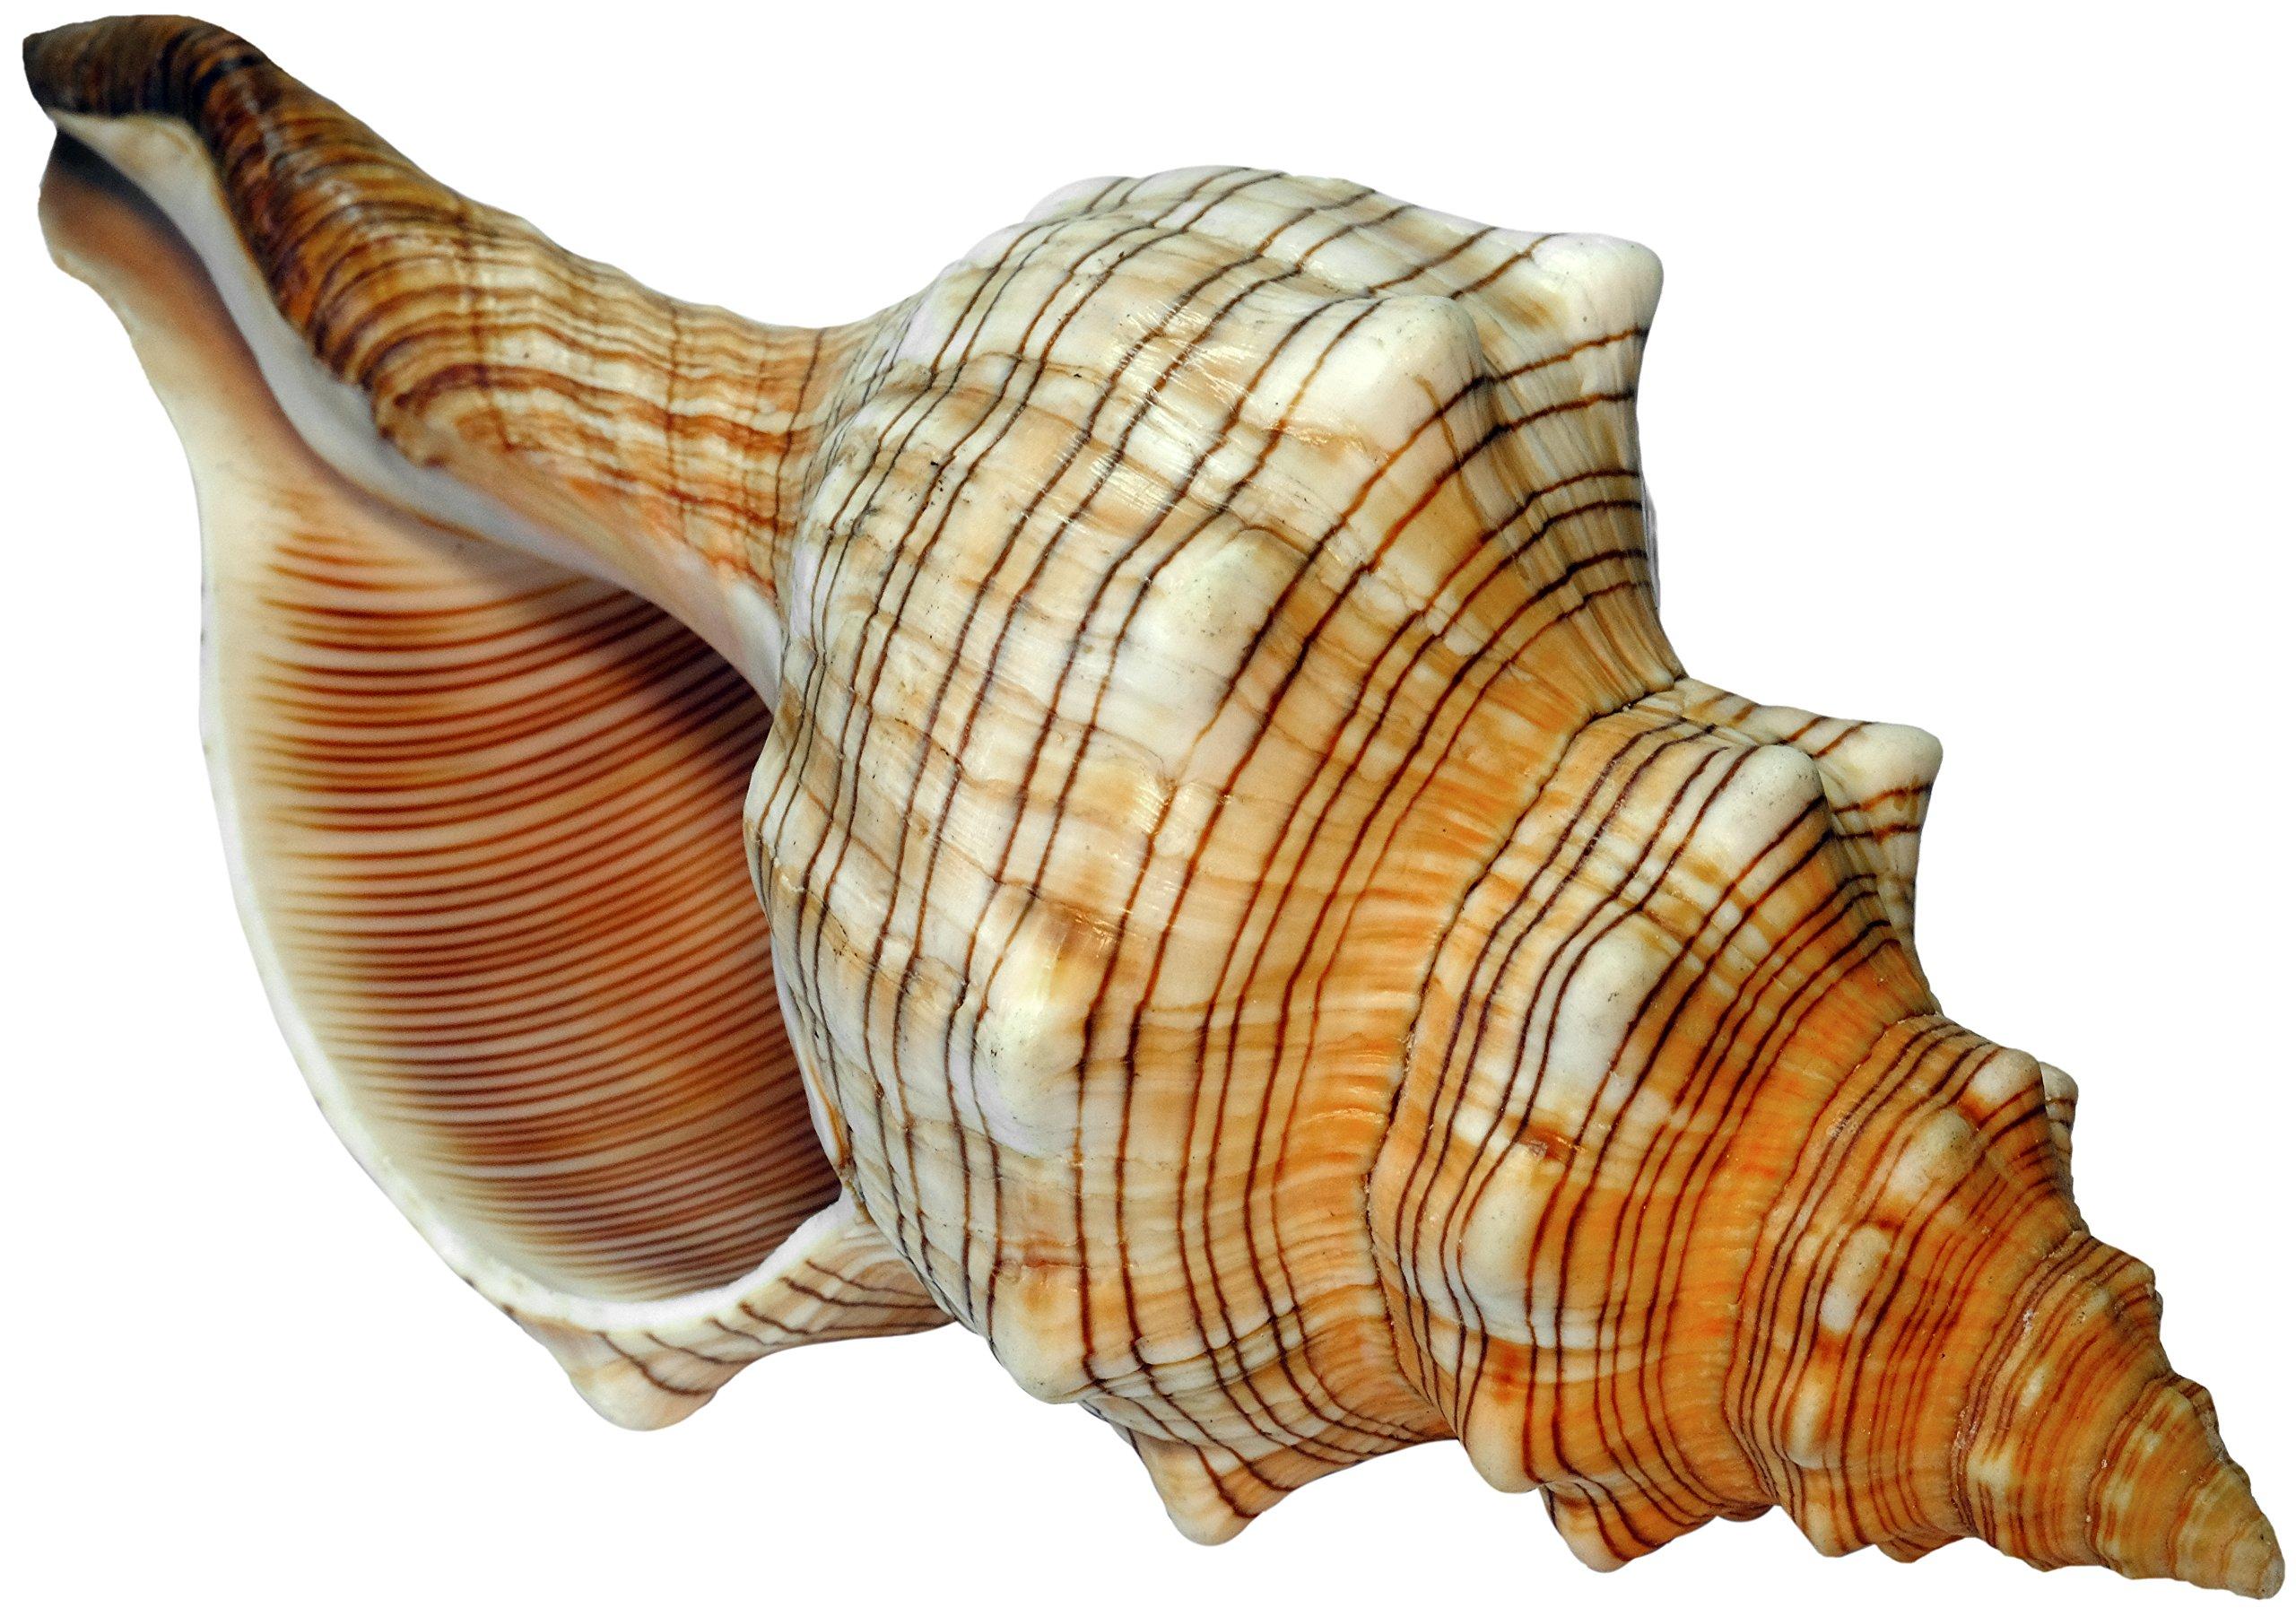 Geschenkidee - Muschel Meeresschnecke 1